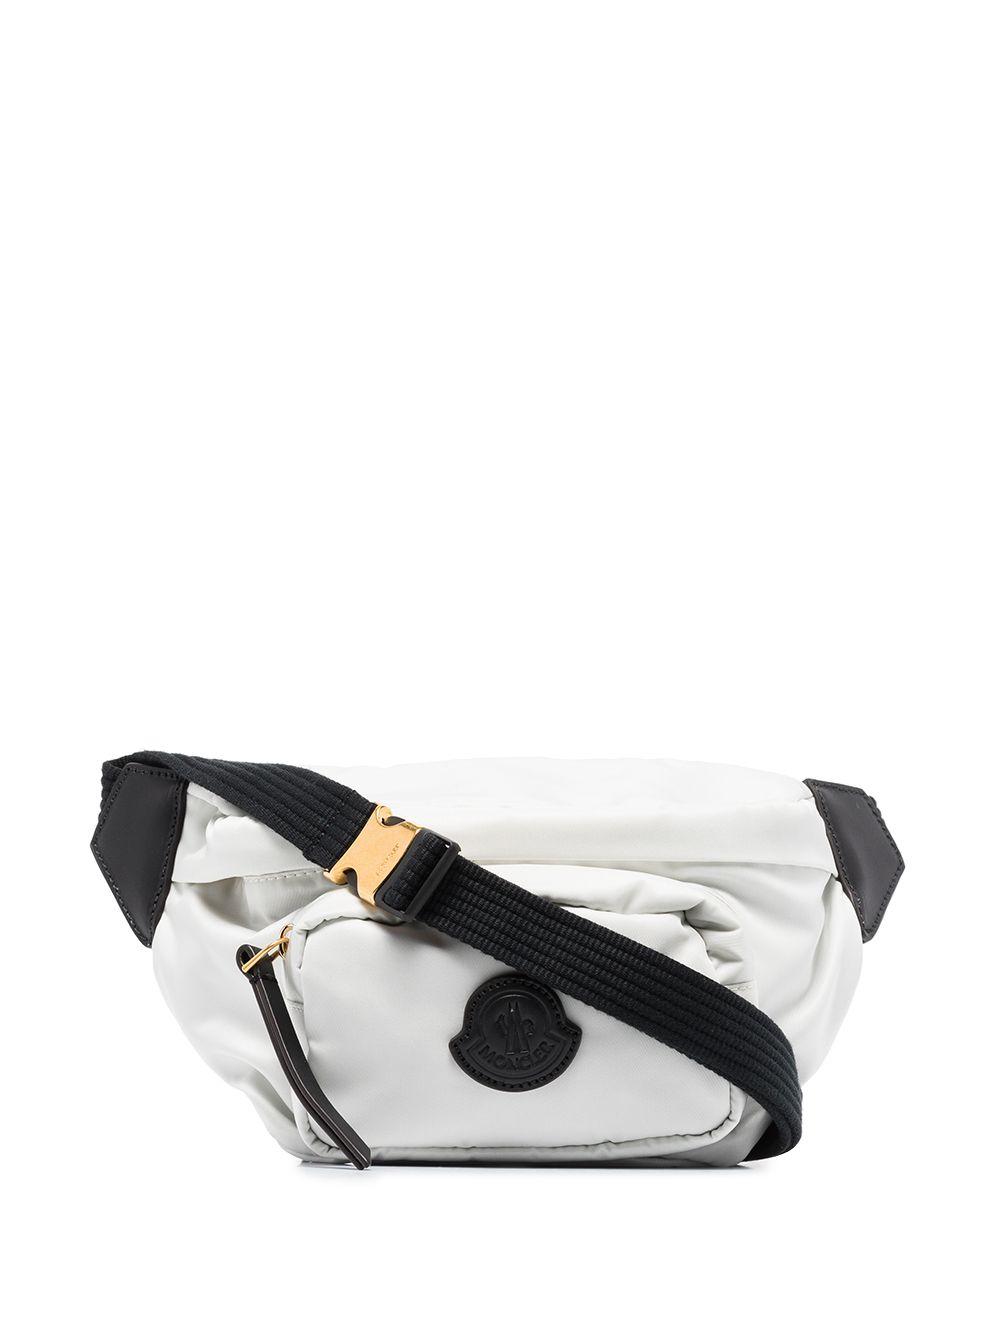 Moncler MONC FELICIE BLT BAG - 050